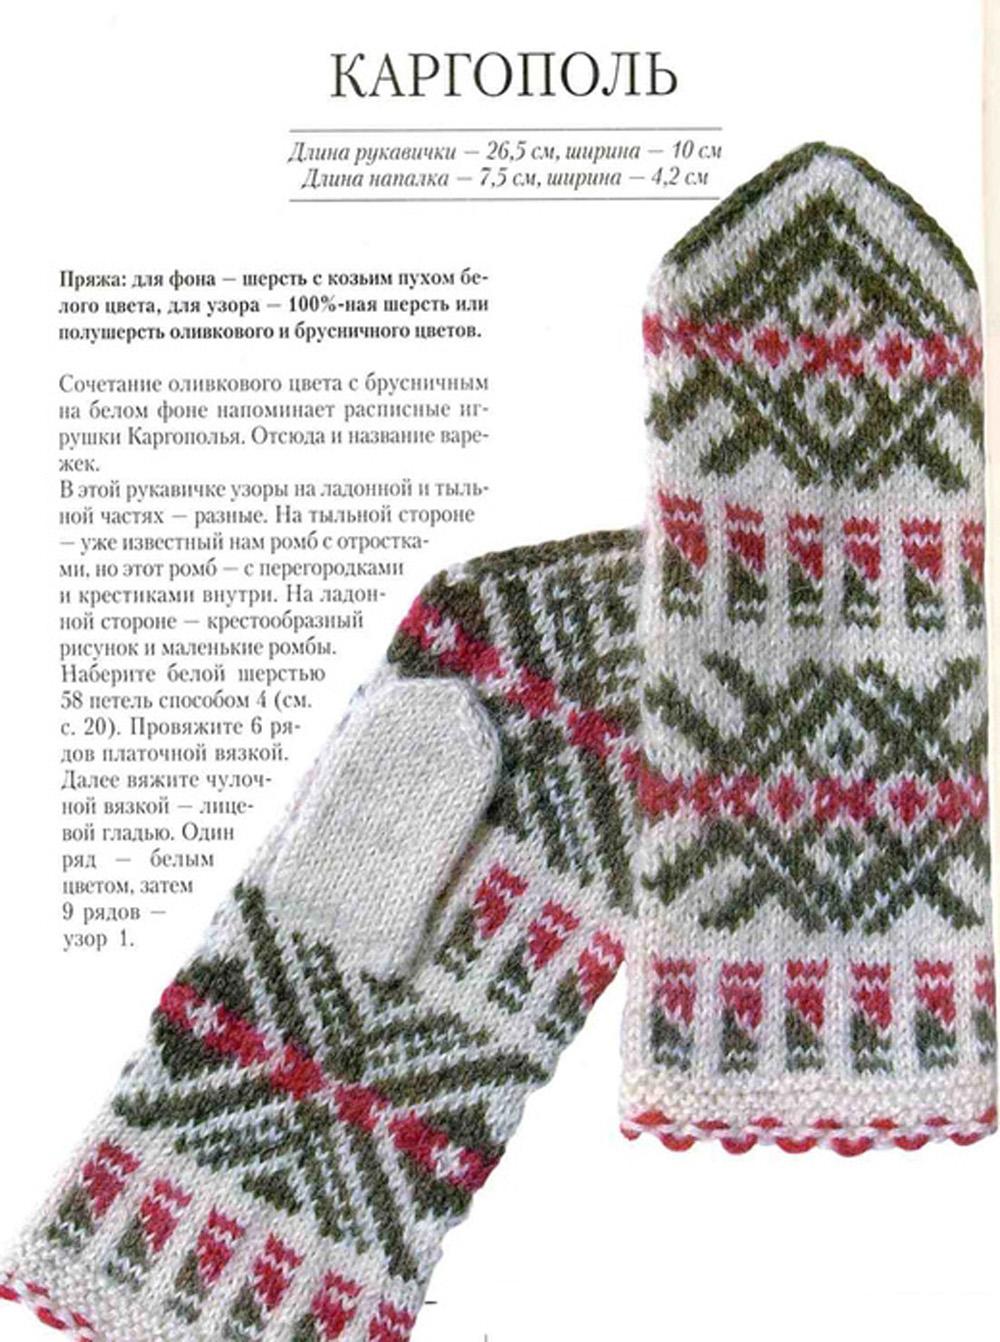 схема вязки рукавиц с совами